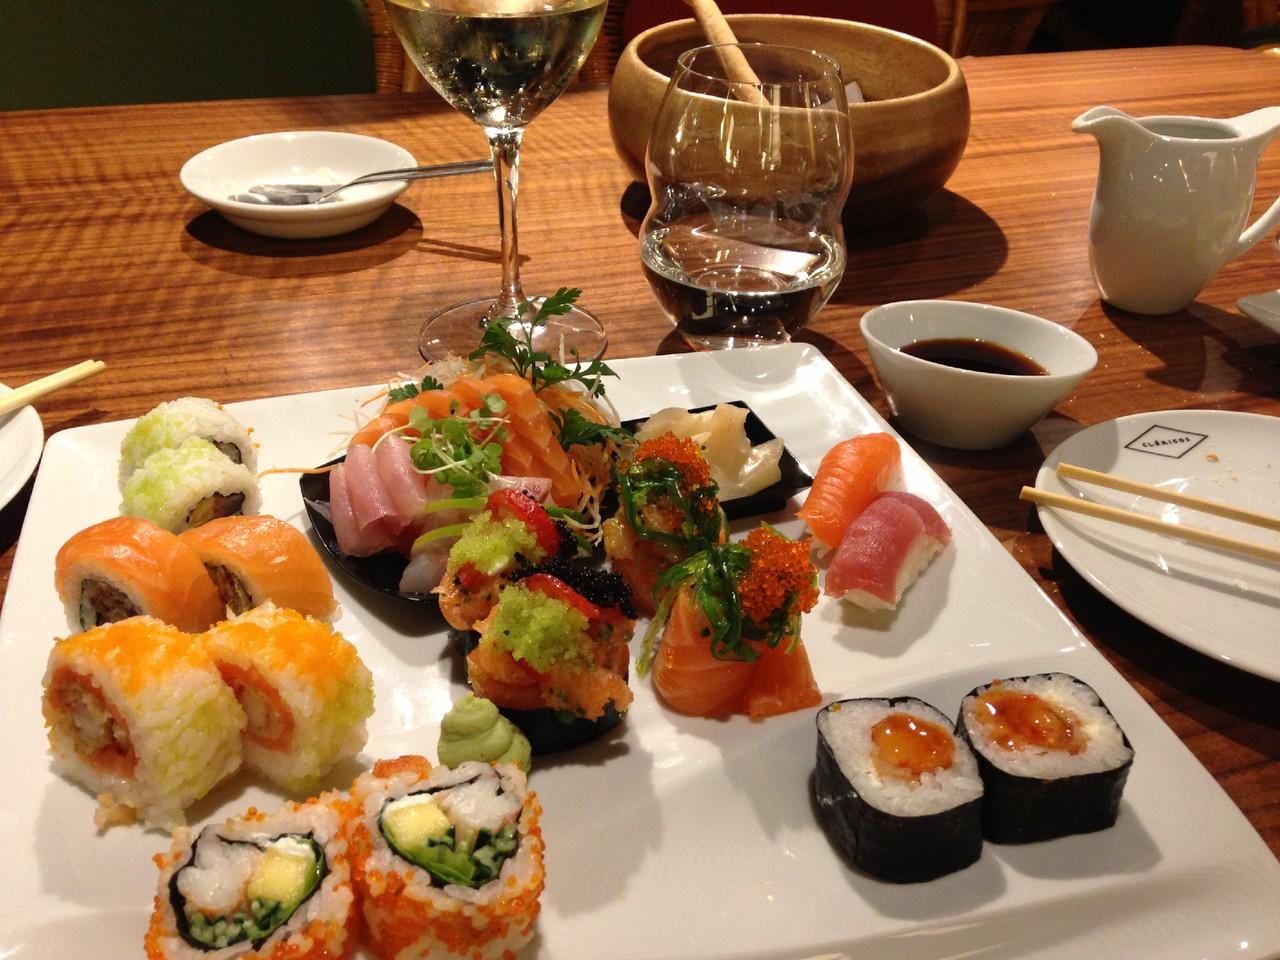 melhores-restaurantes-de-sushi-no-porto.jpg